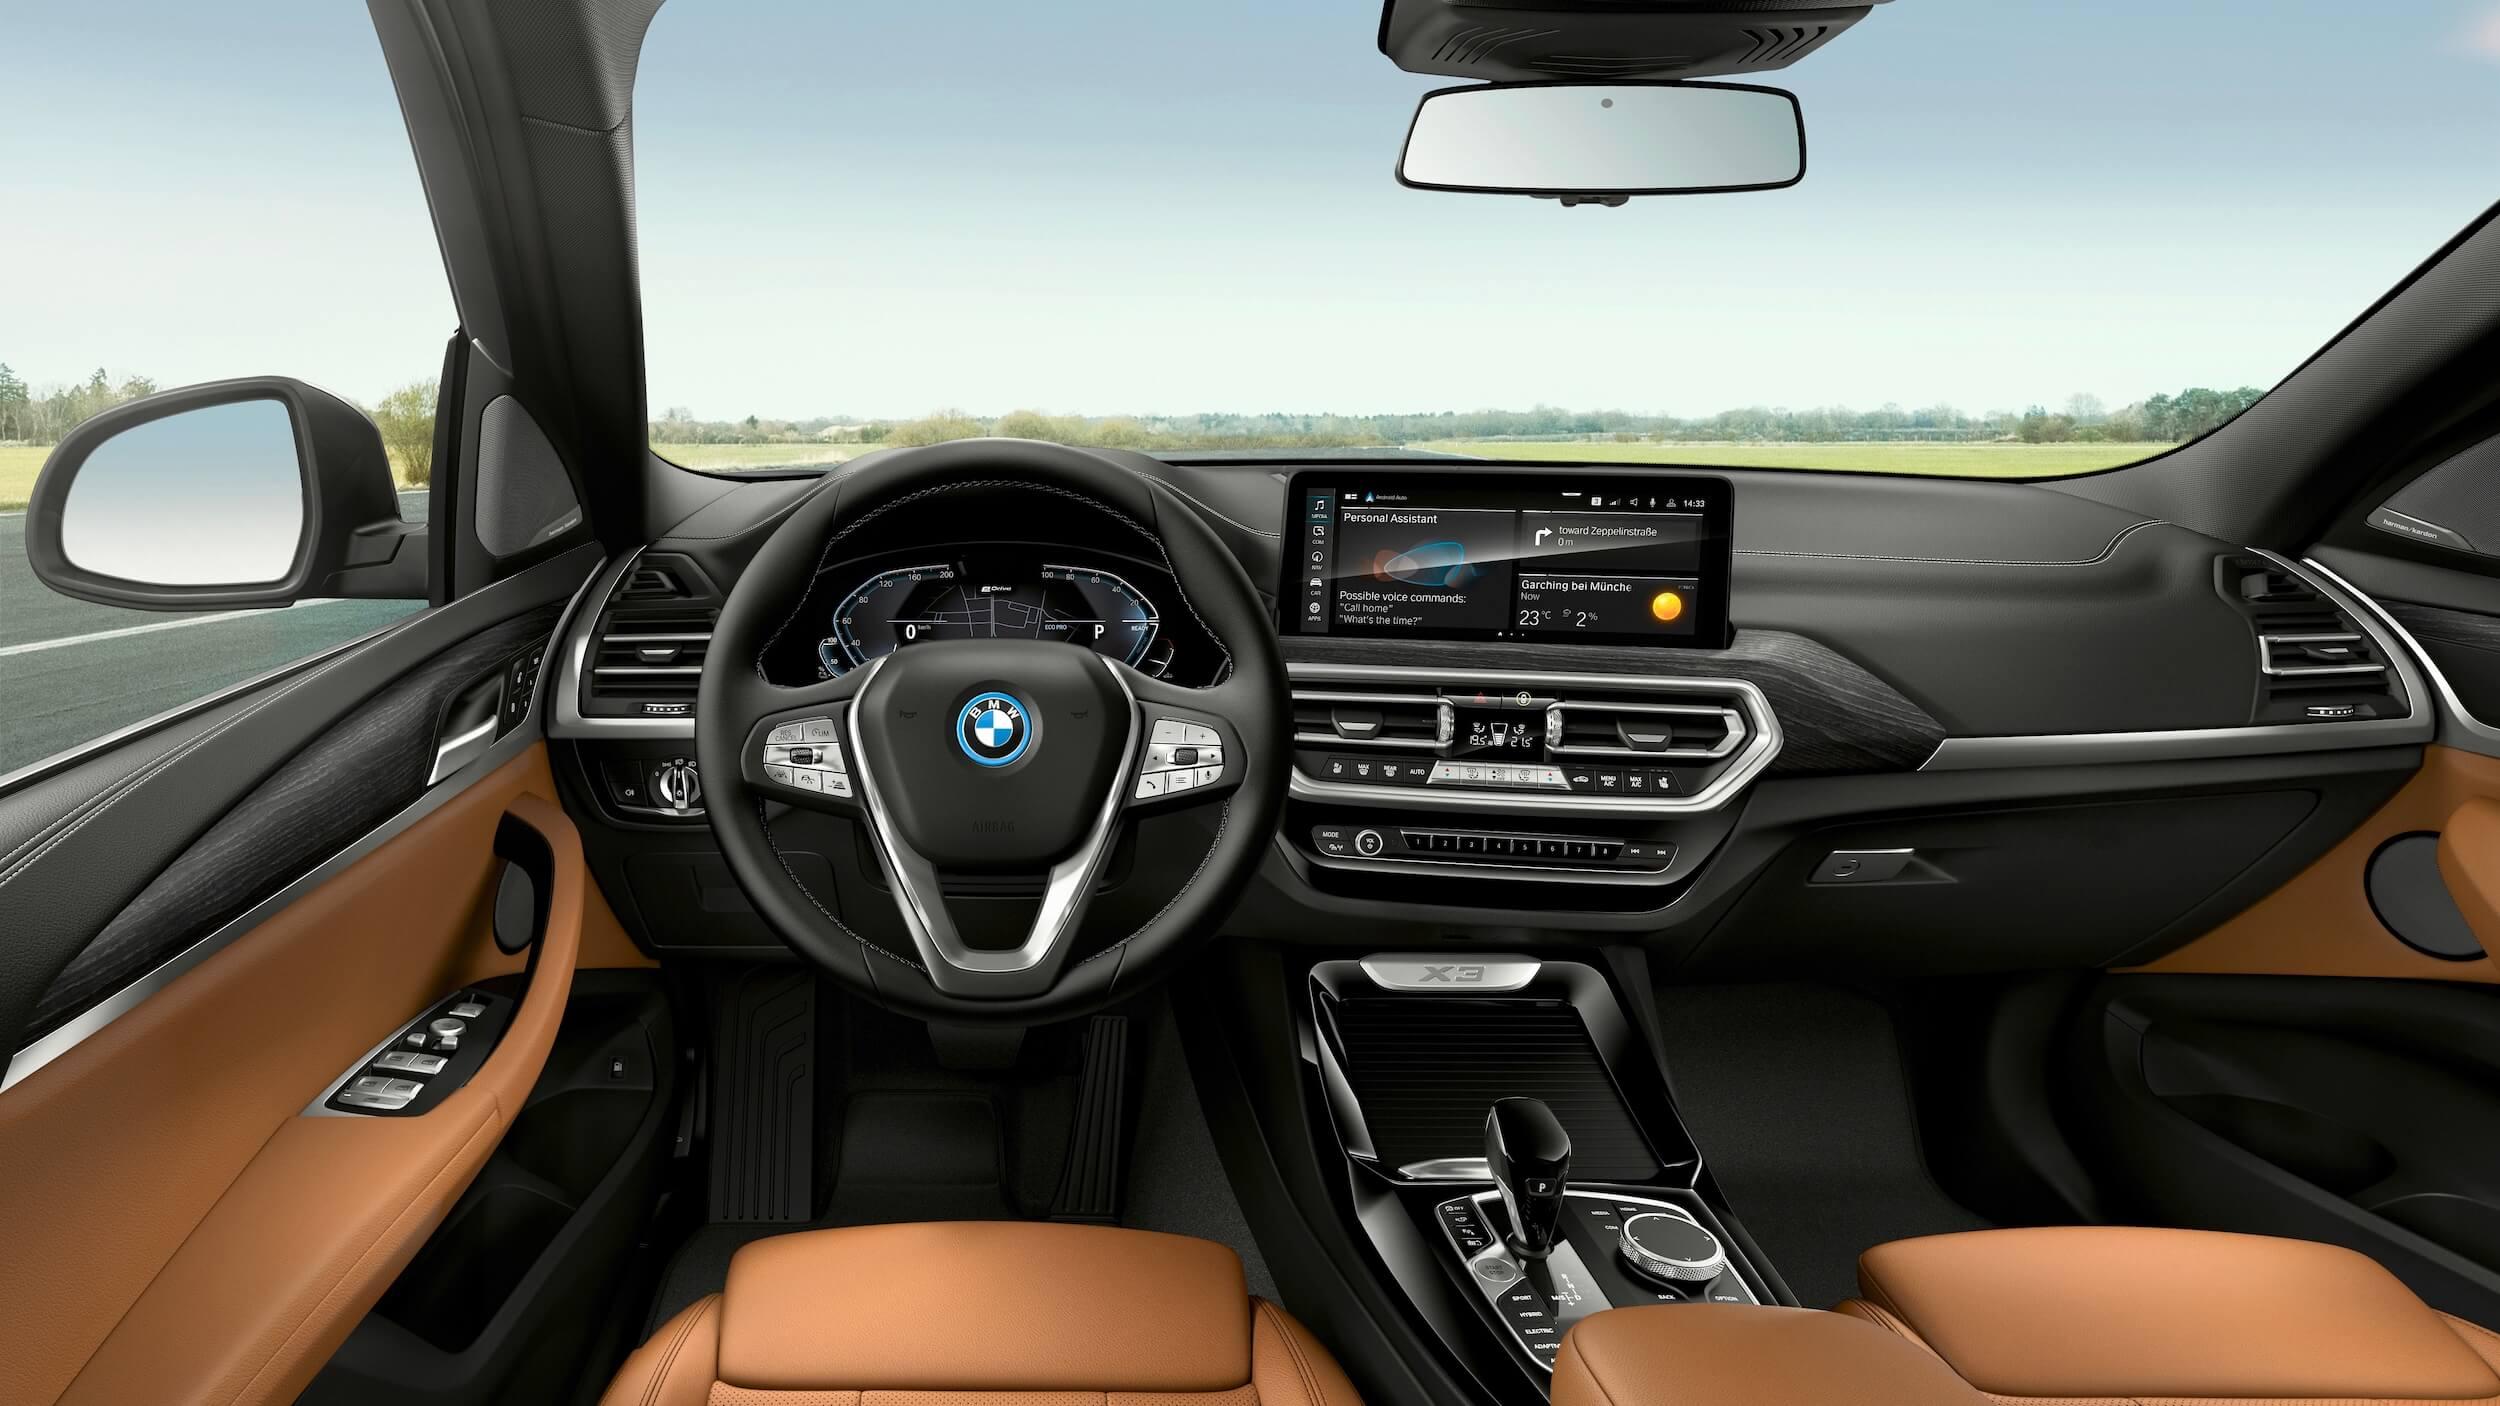 BMW X3 xDrive30e interior